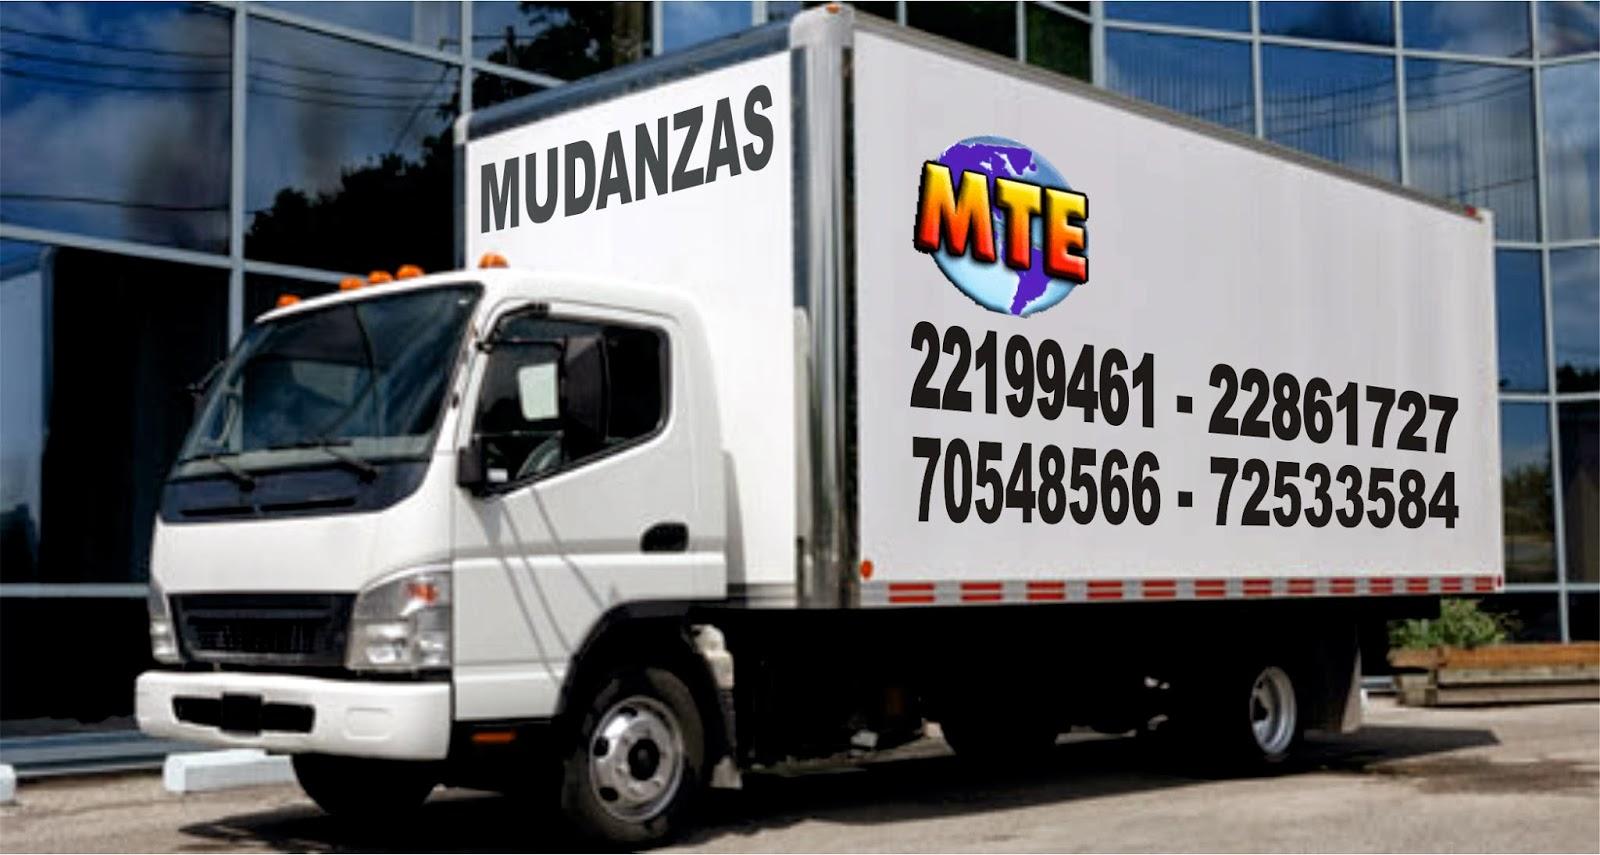 Mudanzas Moving Trans Efficient La Paz Bolivia # Muebles Y Mudanzas